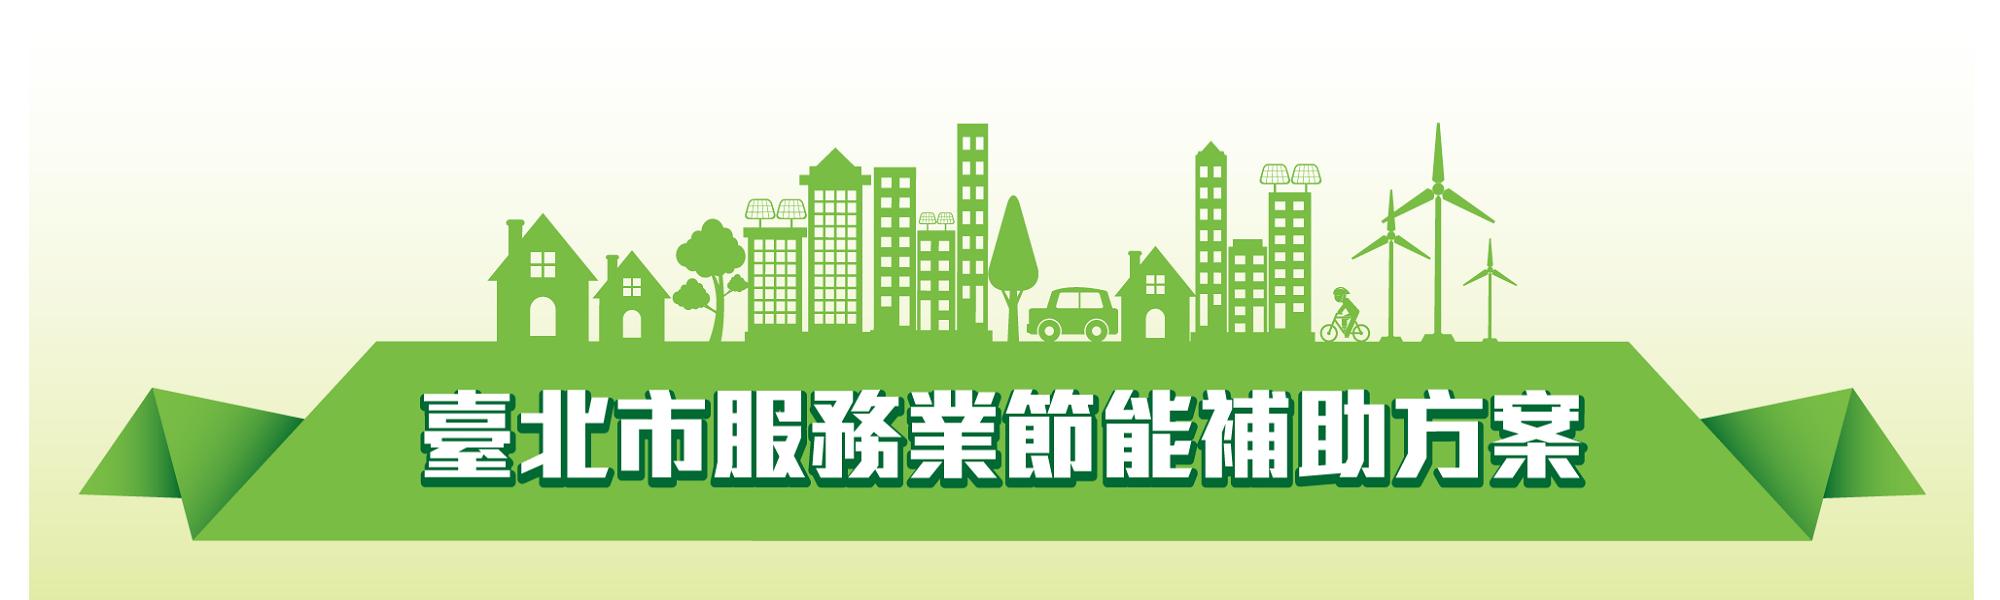 公告修正108年度本局受理「臺北市住宅汰換節能家電補助要點」受理申請內容